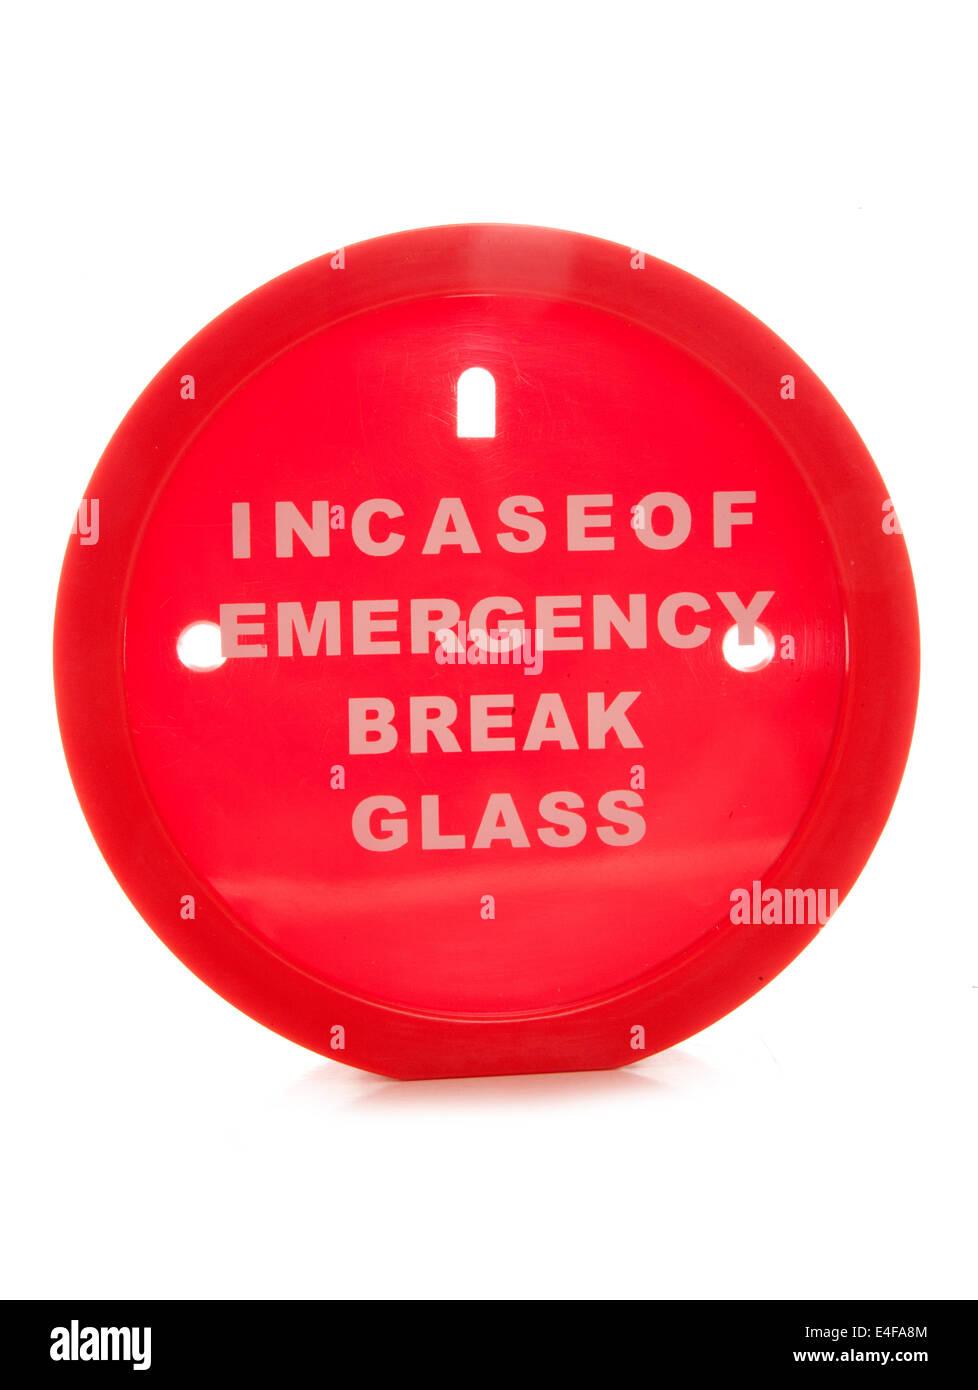 Custodia Incase di emergenza rompere il vetro denaro casella Ritaglio Immagini Stock